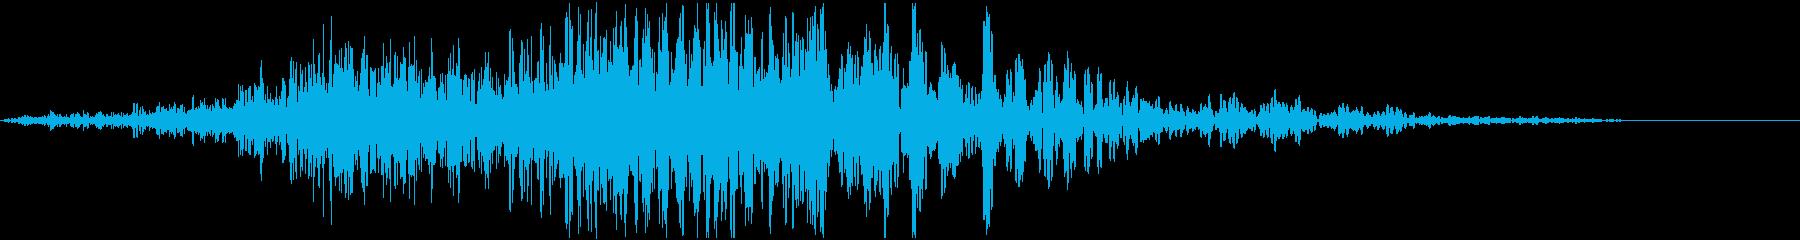 WHOOSH_07 ヒューンッドンッ・・の再生済みの波形